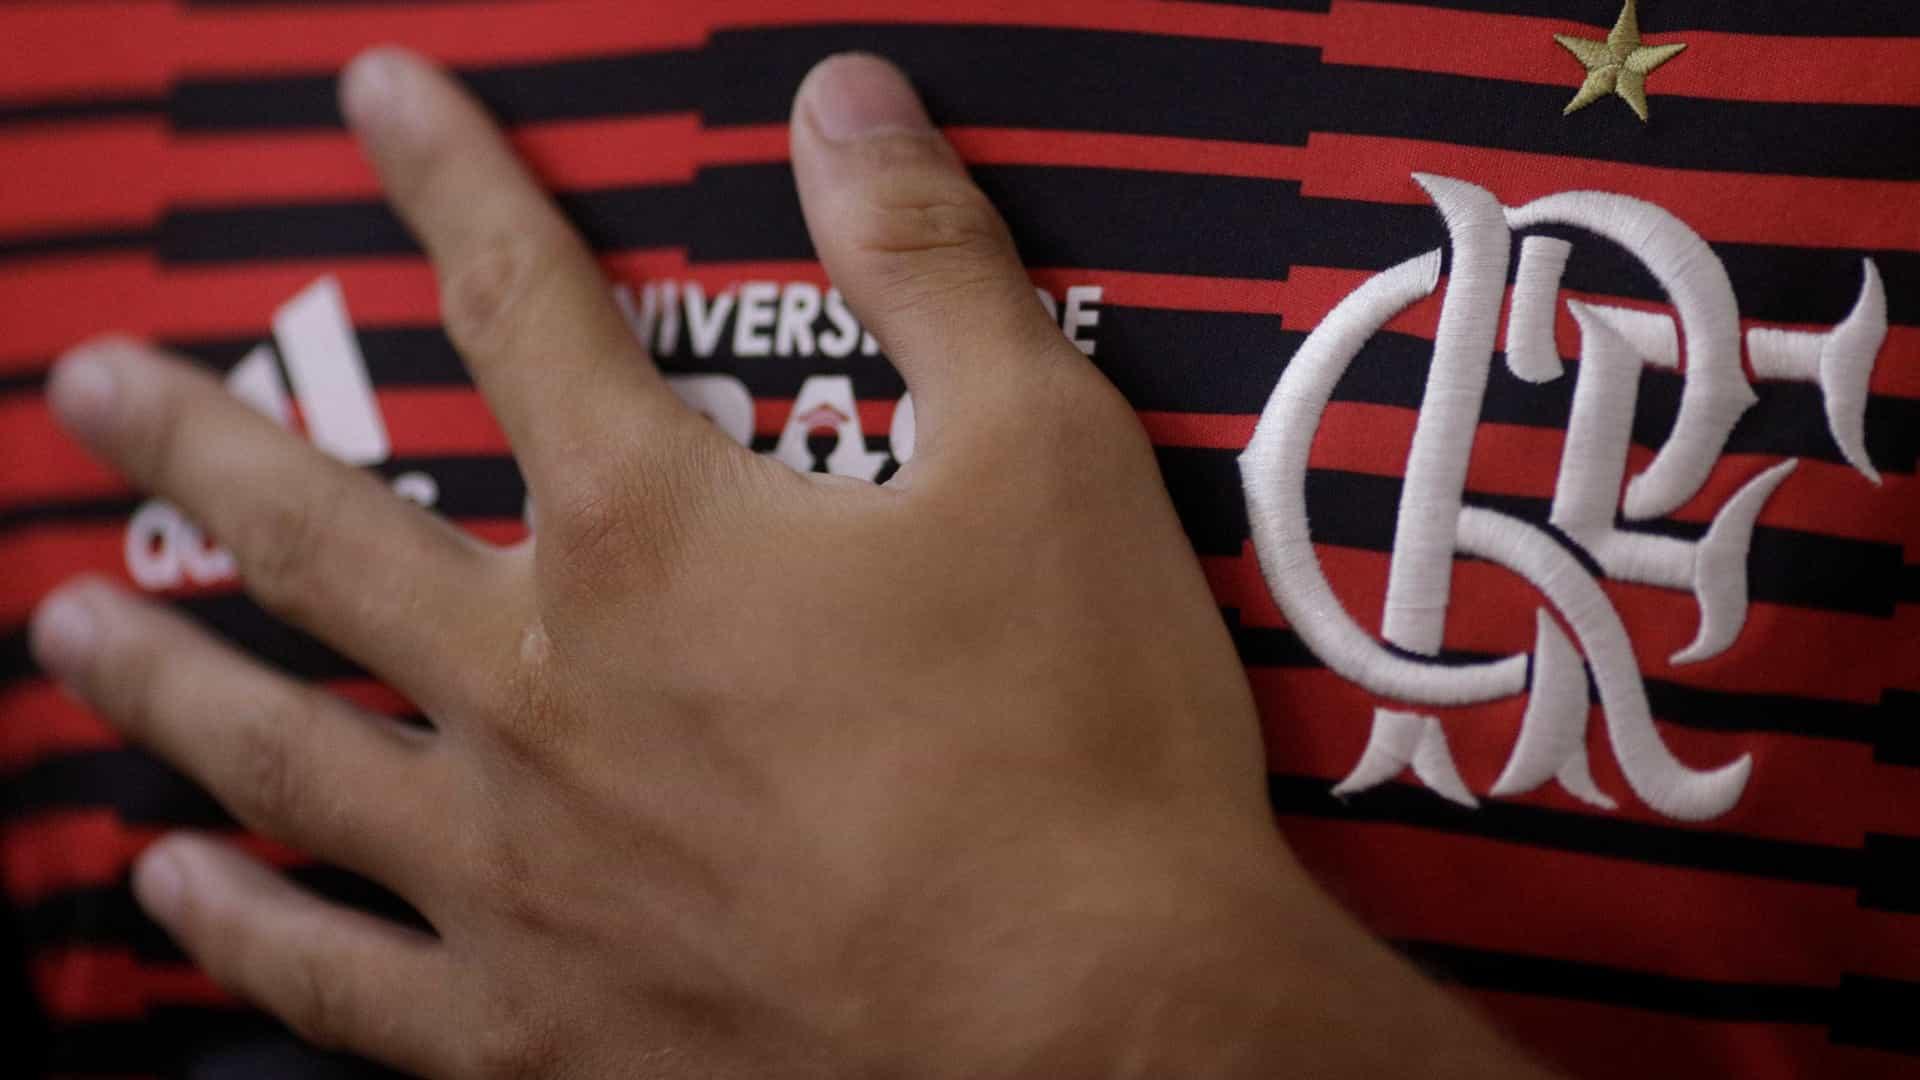 Flamengo aposta em novo patrocínio para diminuir prejuízo